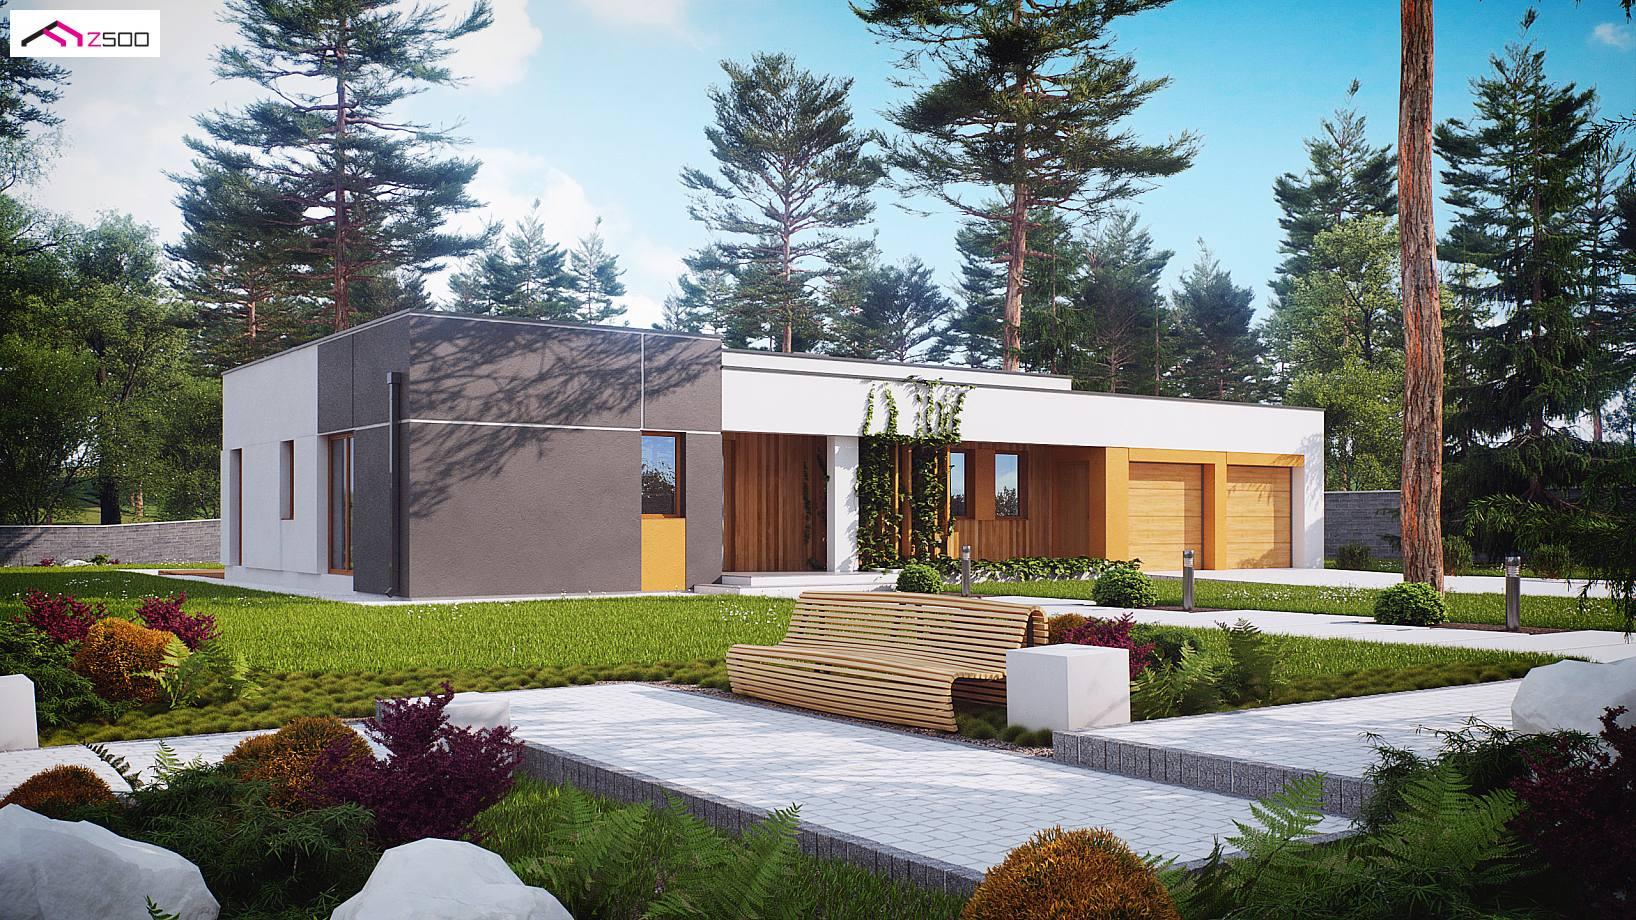 projekt domu zx102 nowoczesny dom parterowy z gara em dwustanowiskowym. Black Bedroom Furniture Sets. Home Design Ideas